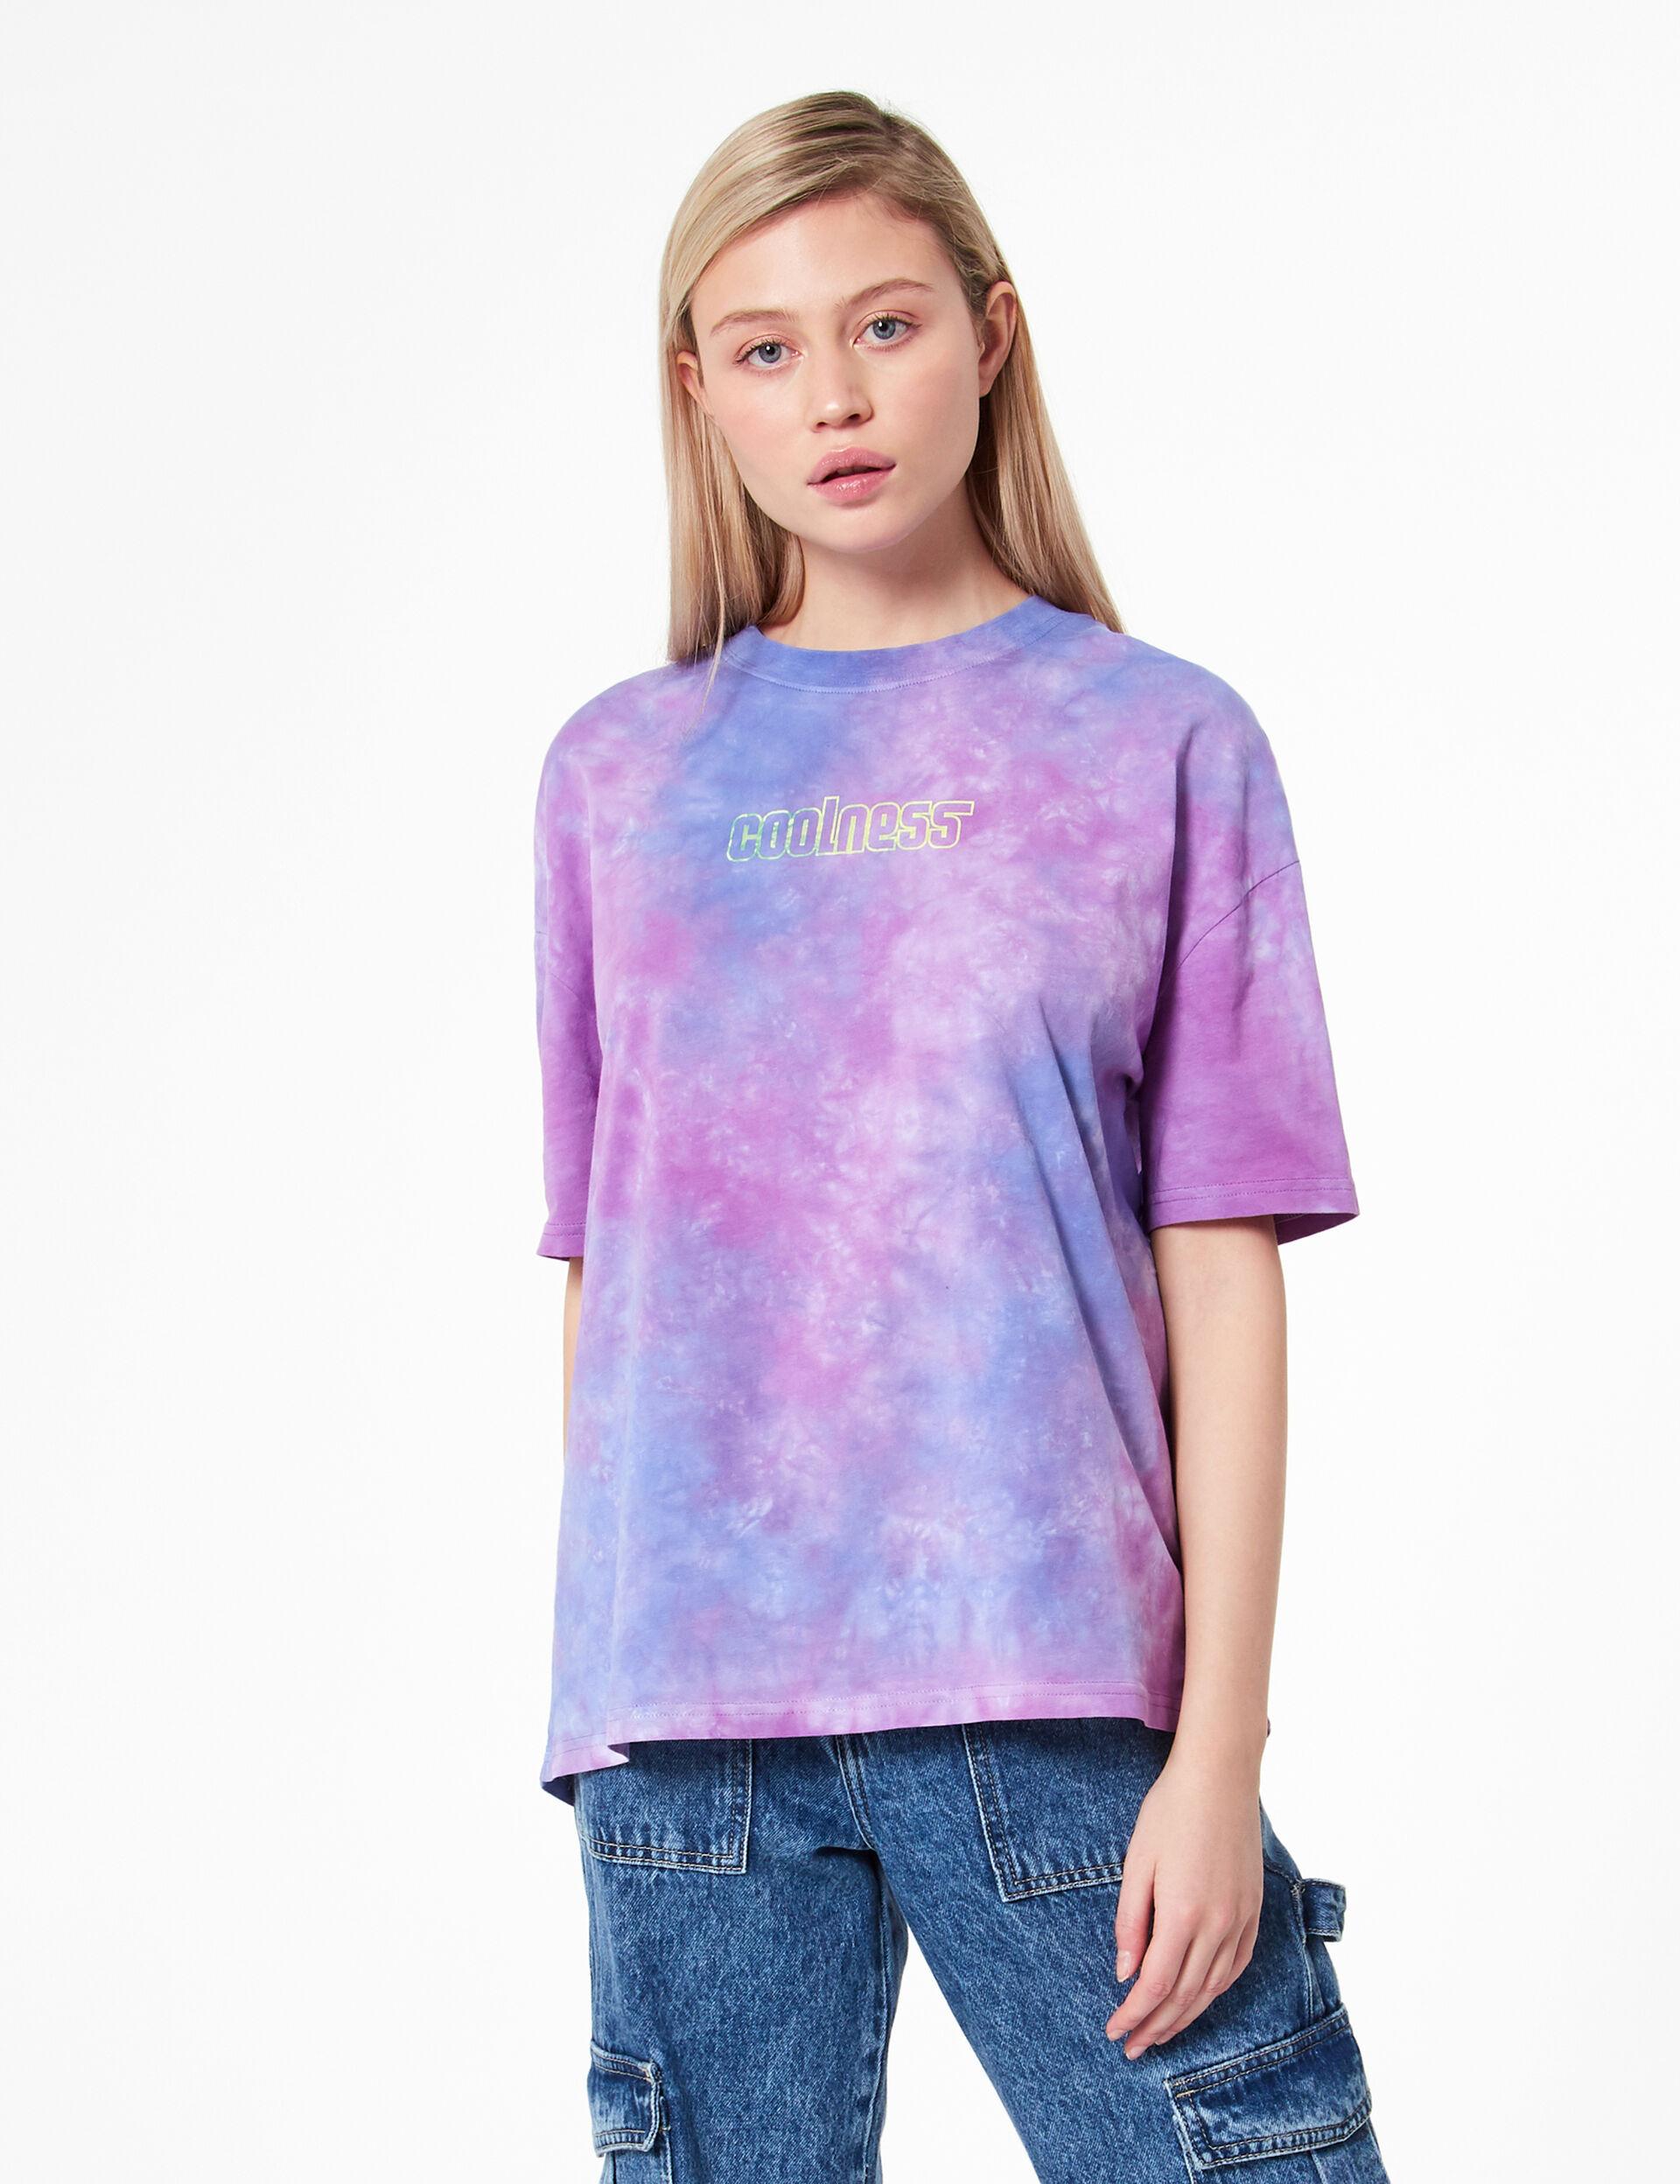 coolness T-shirt